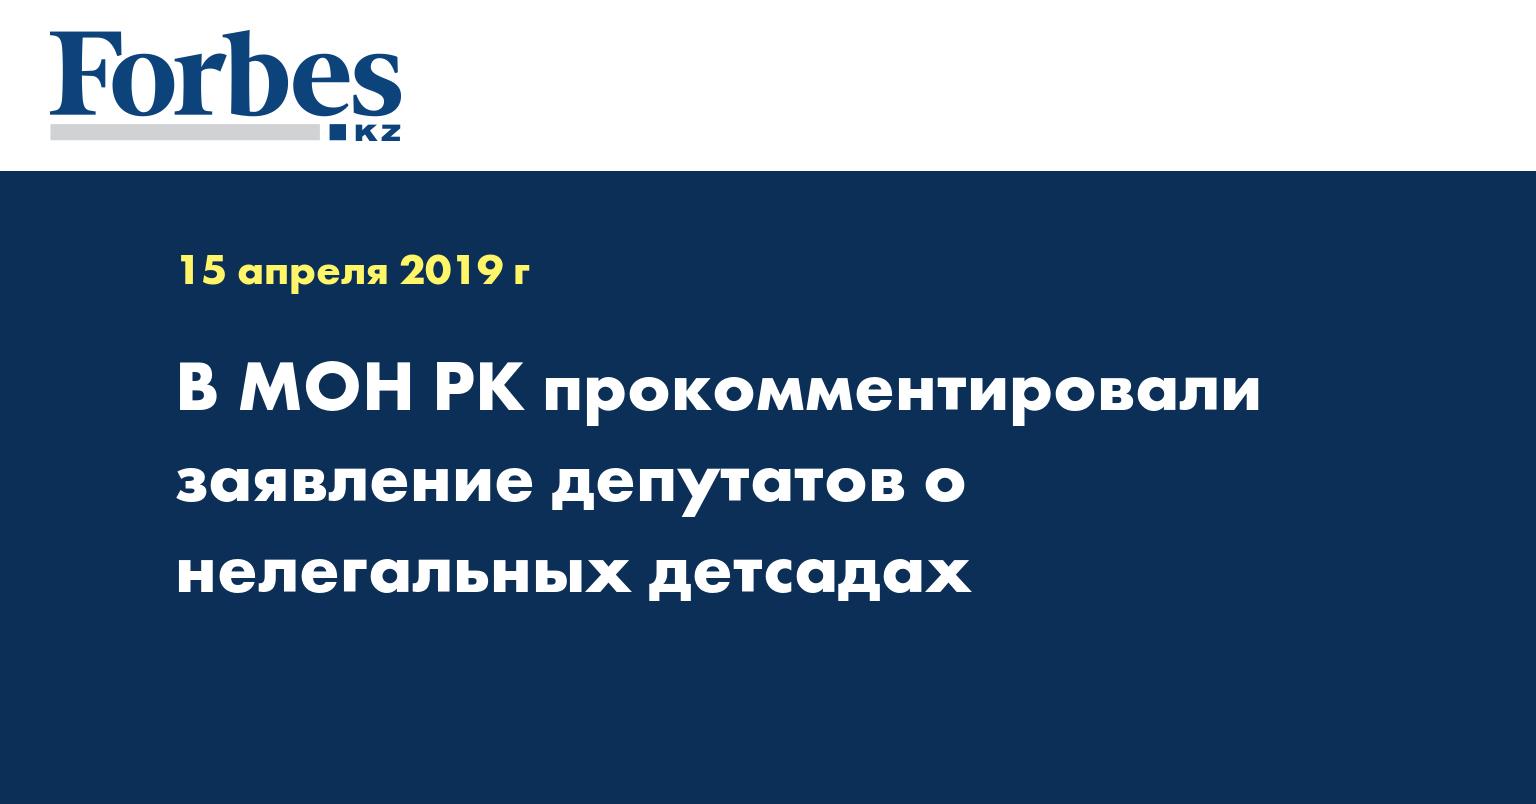 В МОН РК прокомментировали заявление депутатов о нелегальных детсадах